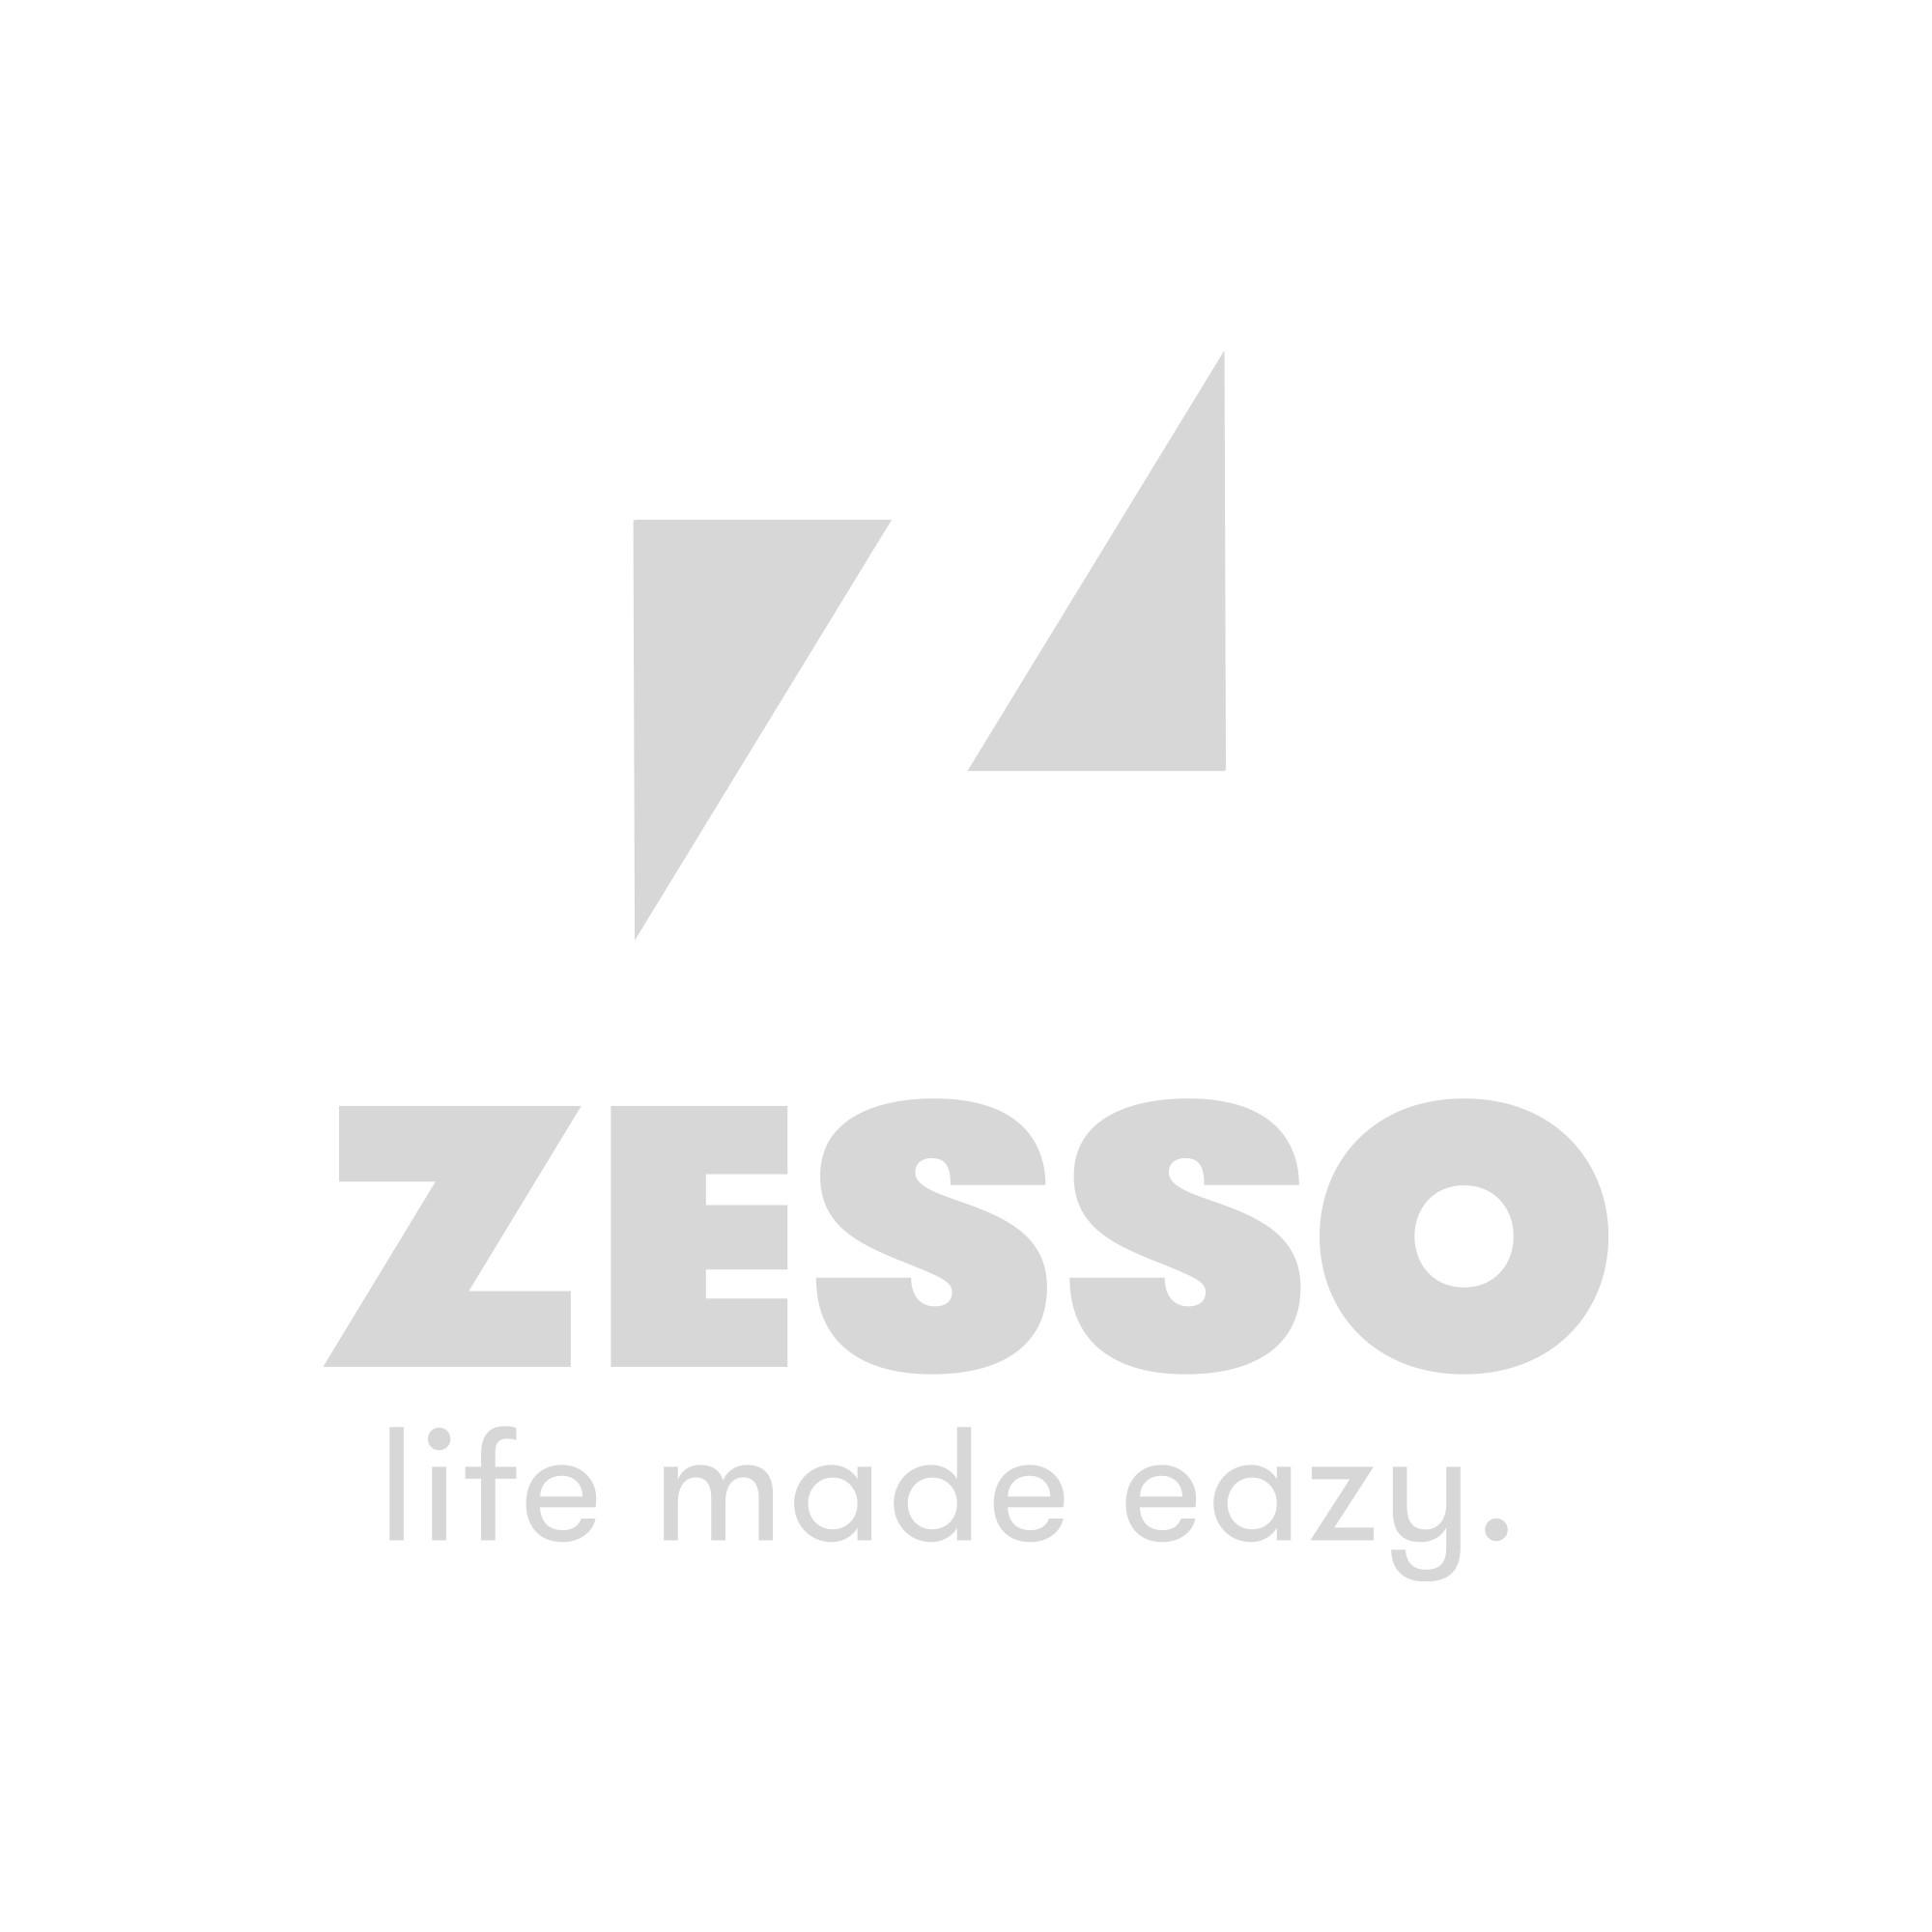 Bobux Chaussures Bébé Soft Soles Caramel Woof - Medium